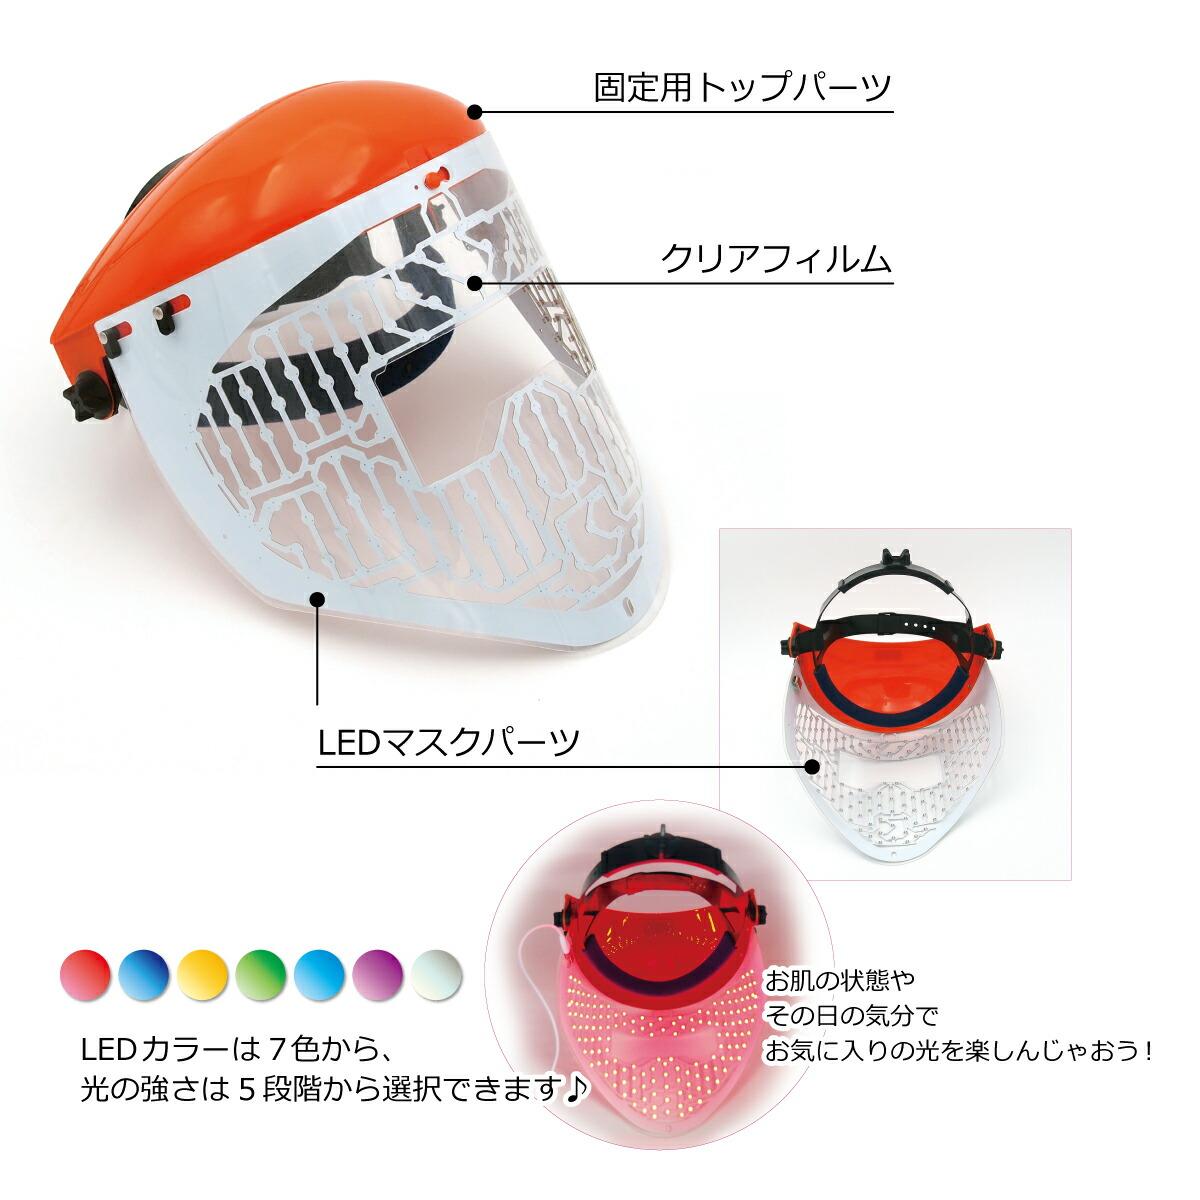 コラーゲンマシンマスク商品画像5